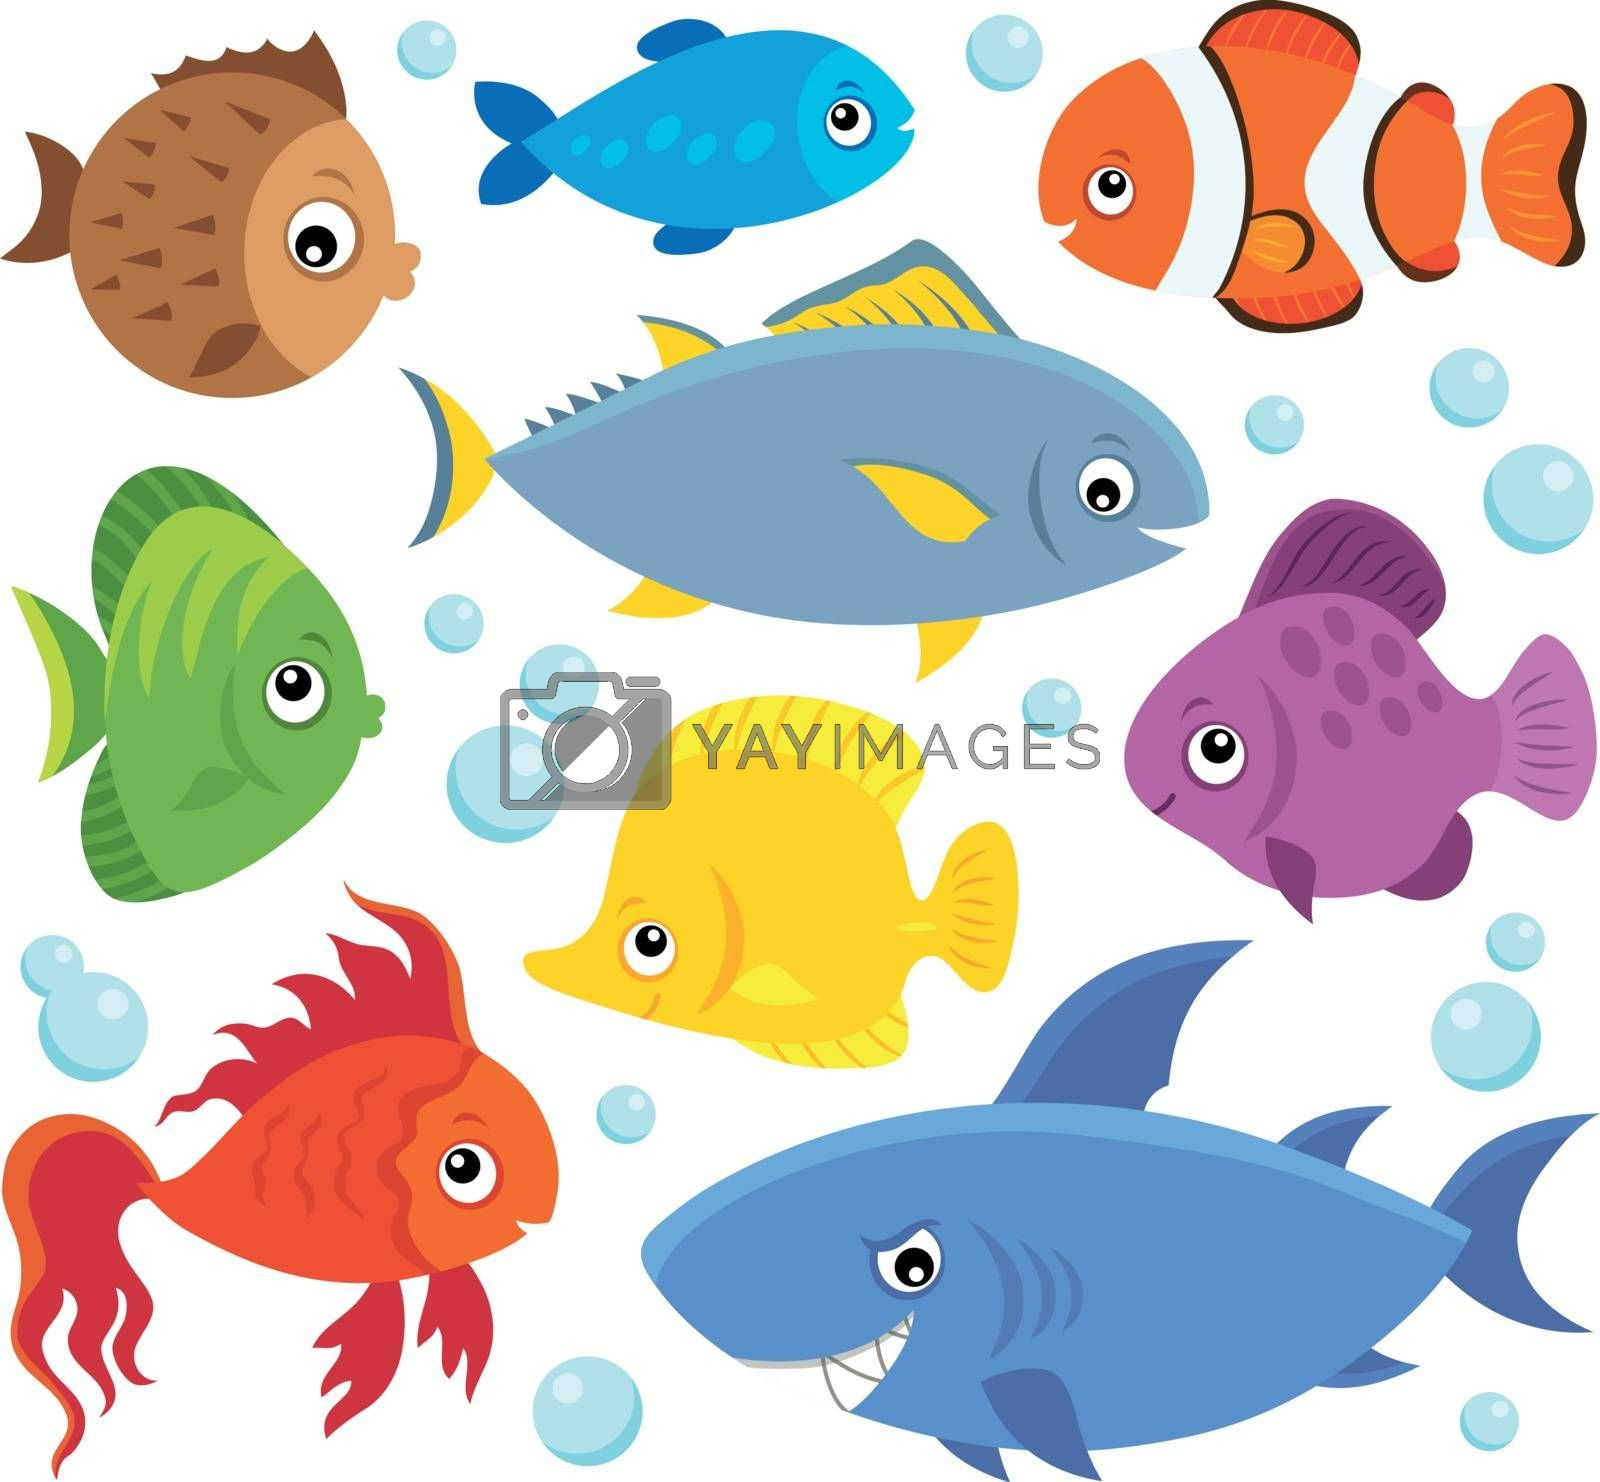 Stylized fishes theme set 4 - eps10 vector illustration.